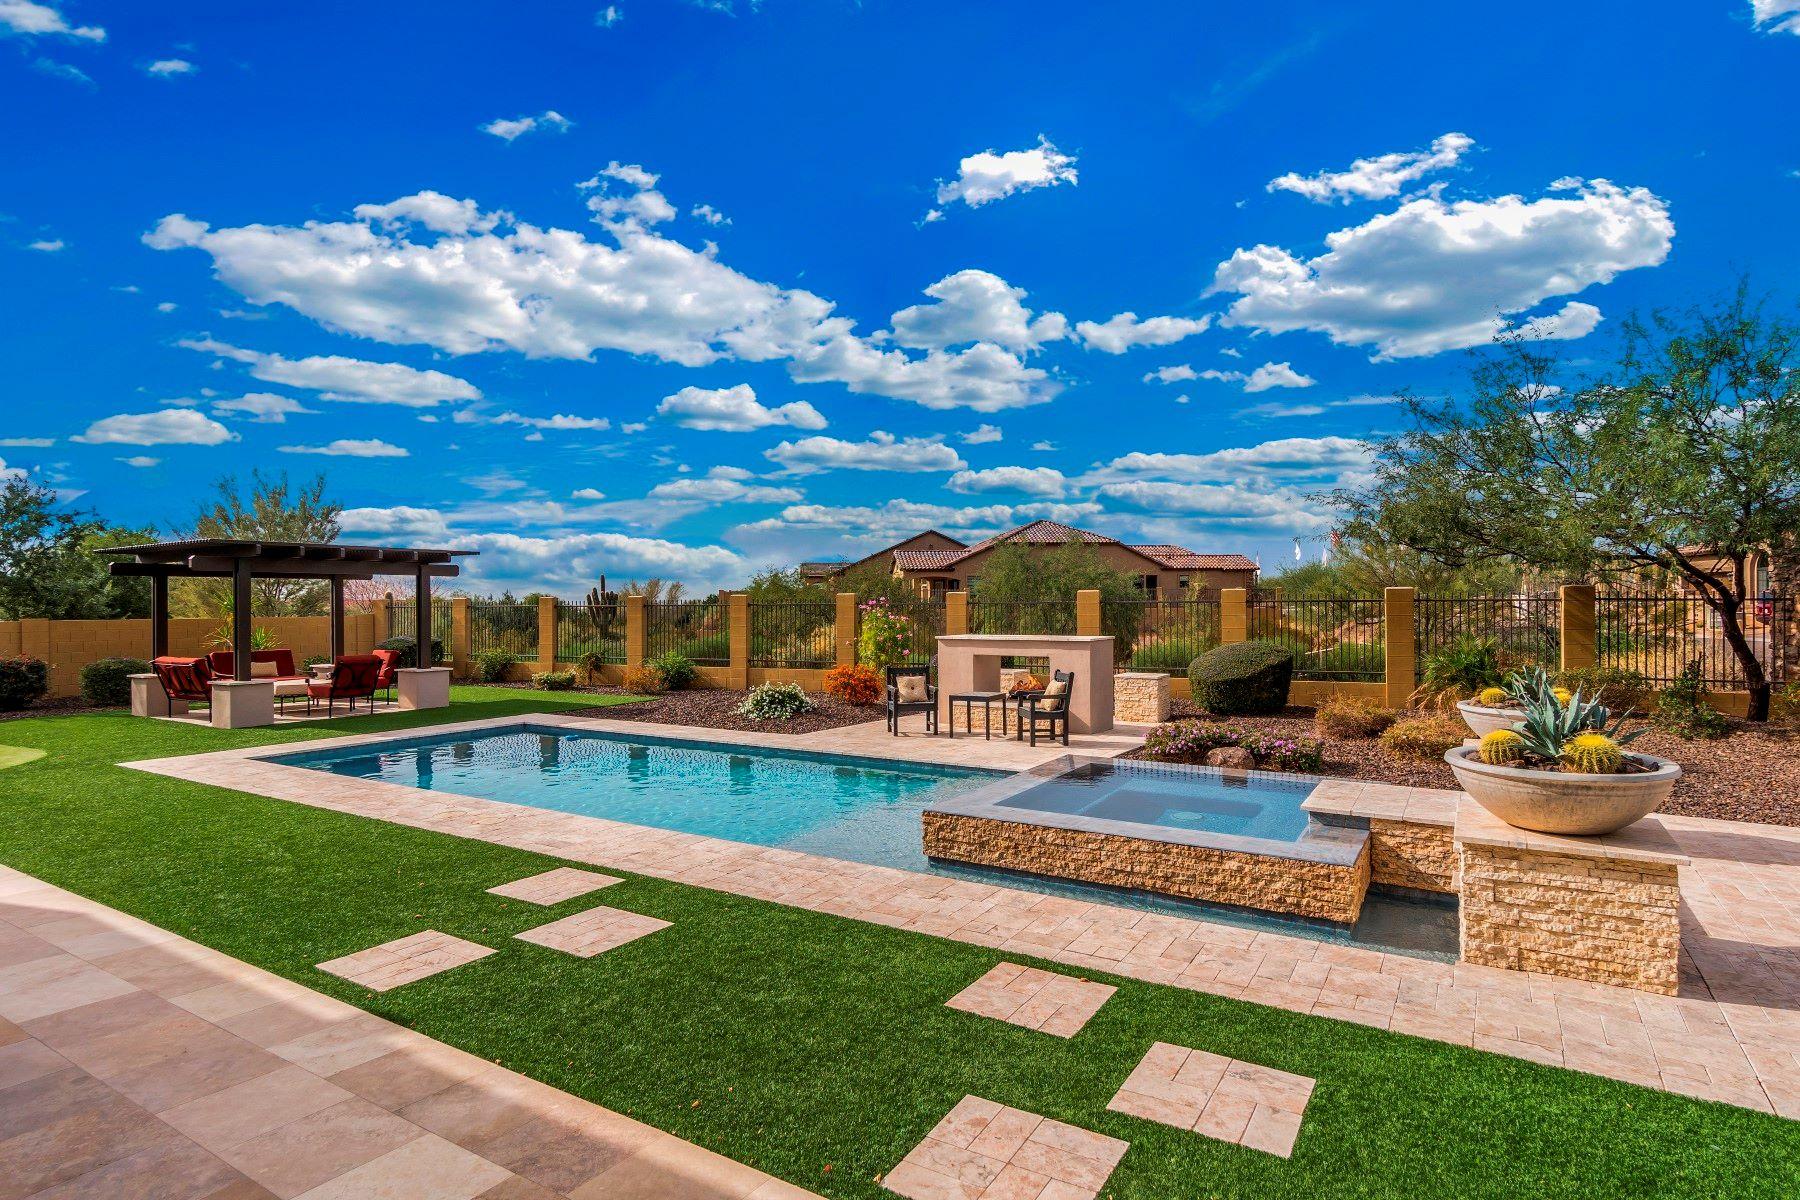 Частный односемейный дом для того Продажа на Stunning home in Canyon Gate at Mountain Bridge 1856 N ATWOOD, Mesa, Аризона, 85207 Соединенные Штаты